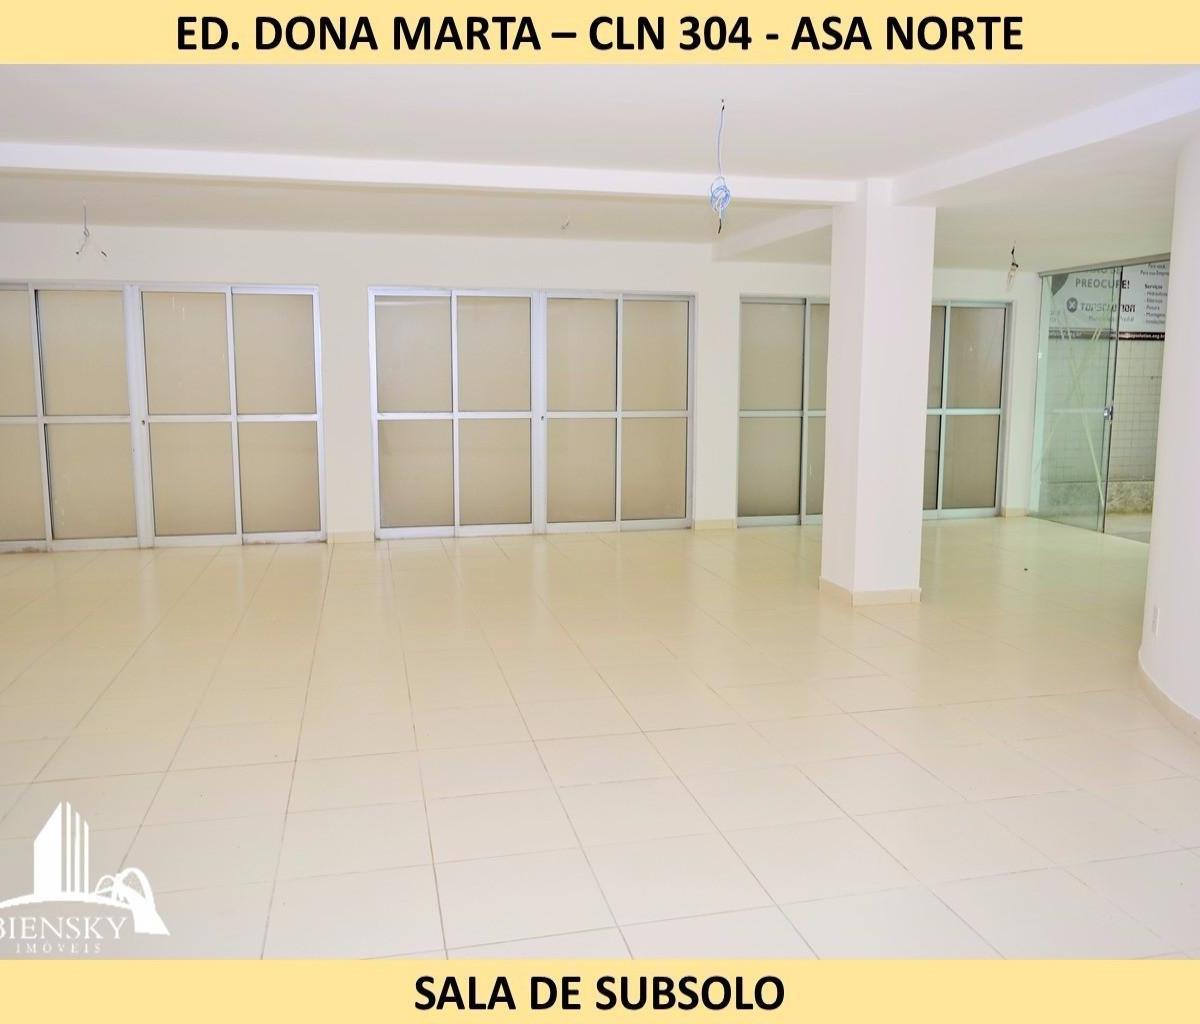 Imagens de #8C773F Comercial para aluguel com 0 Asa Norte Brasília R$ 3.128 ID  1200x1024 px 3560 Blindex Banheiro Asa Norte